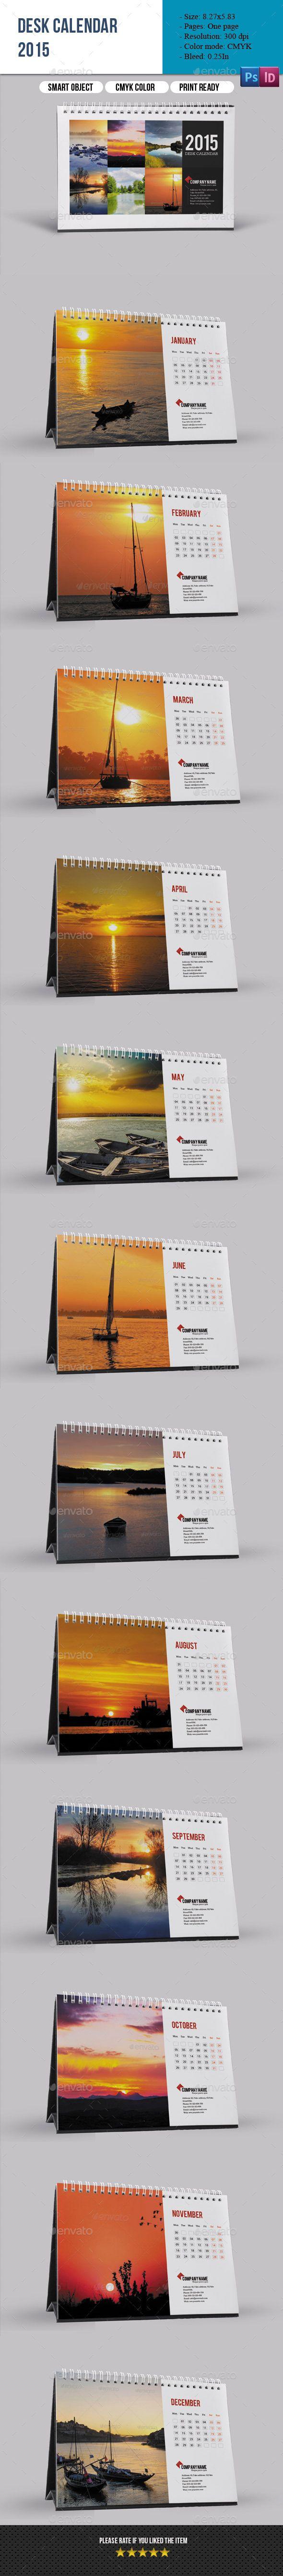 Desk Calendar 2015 - Calendars Stationery